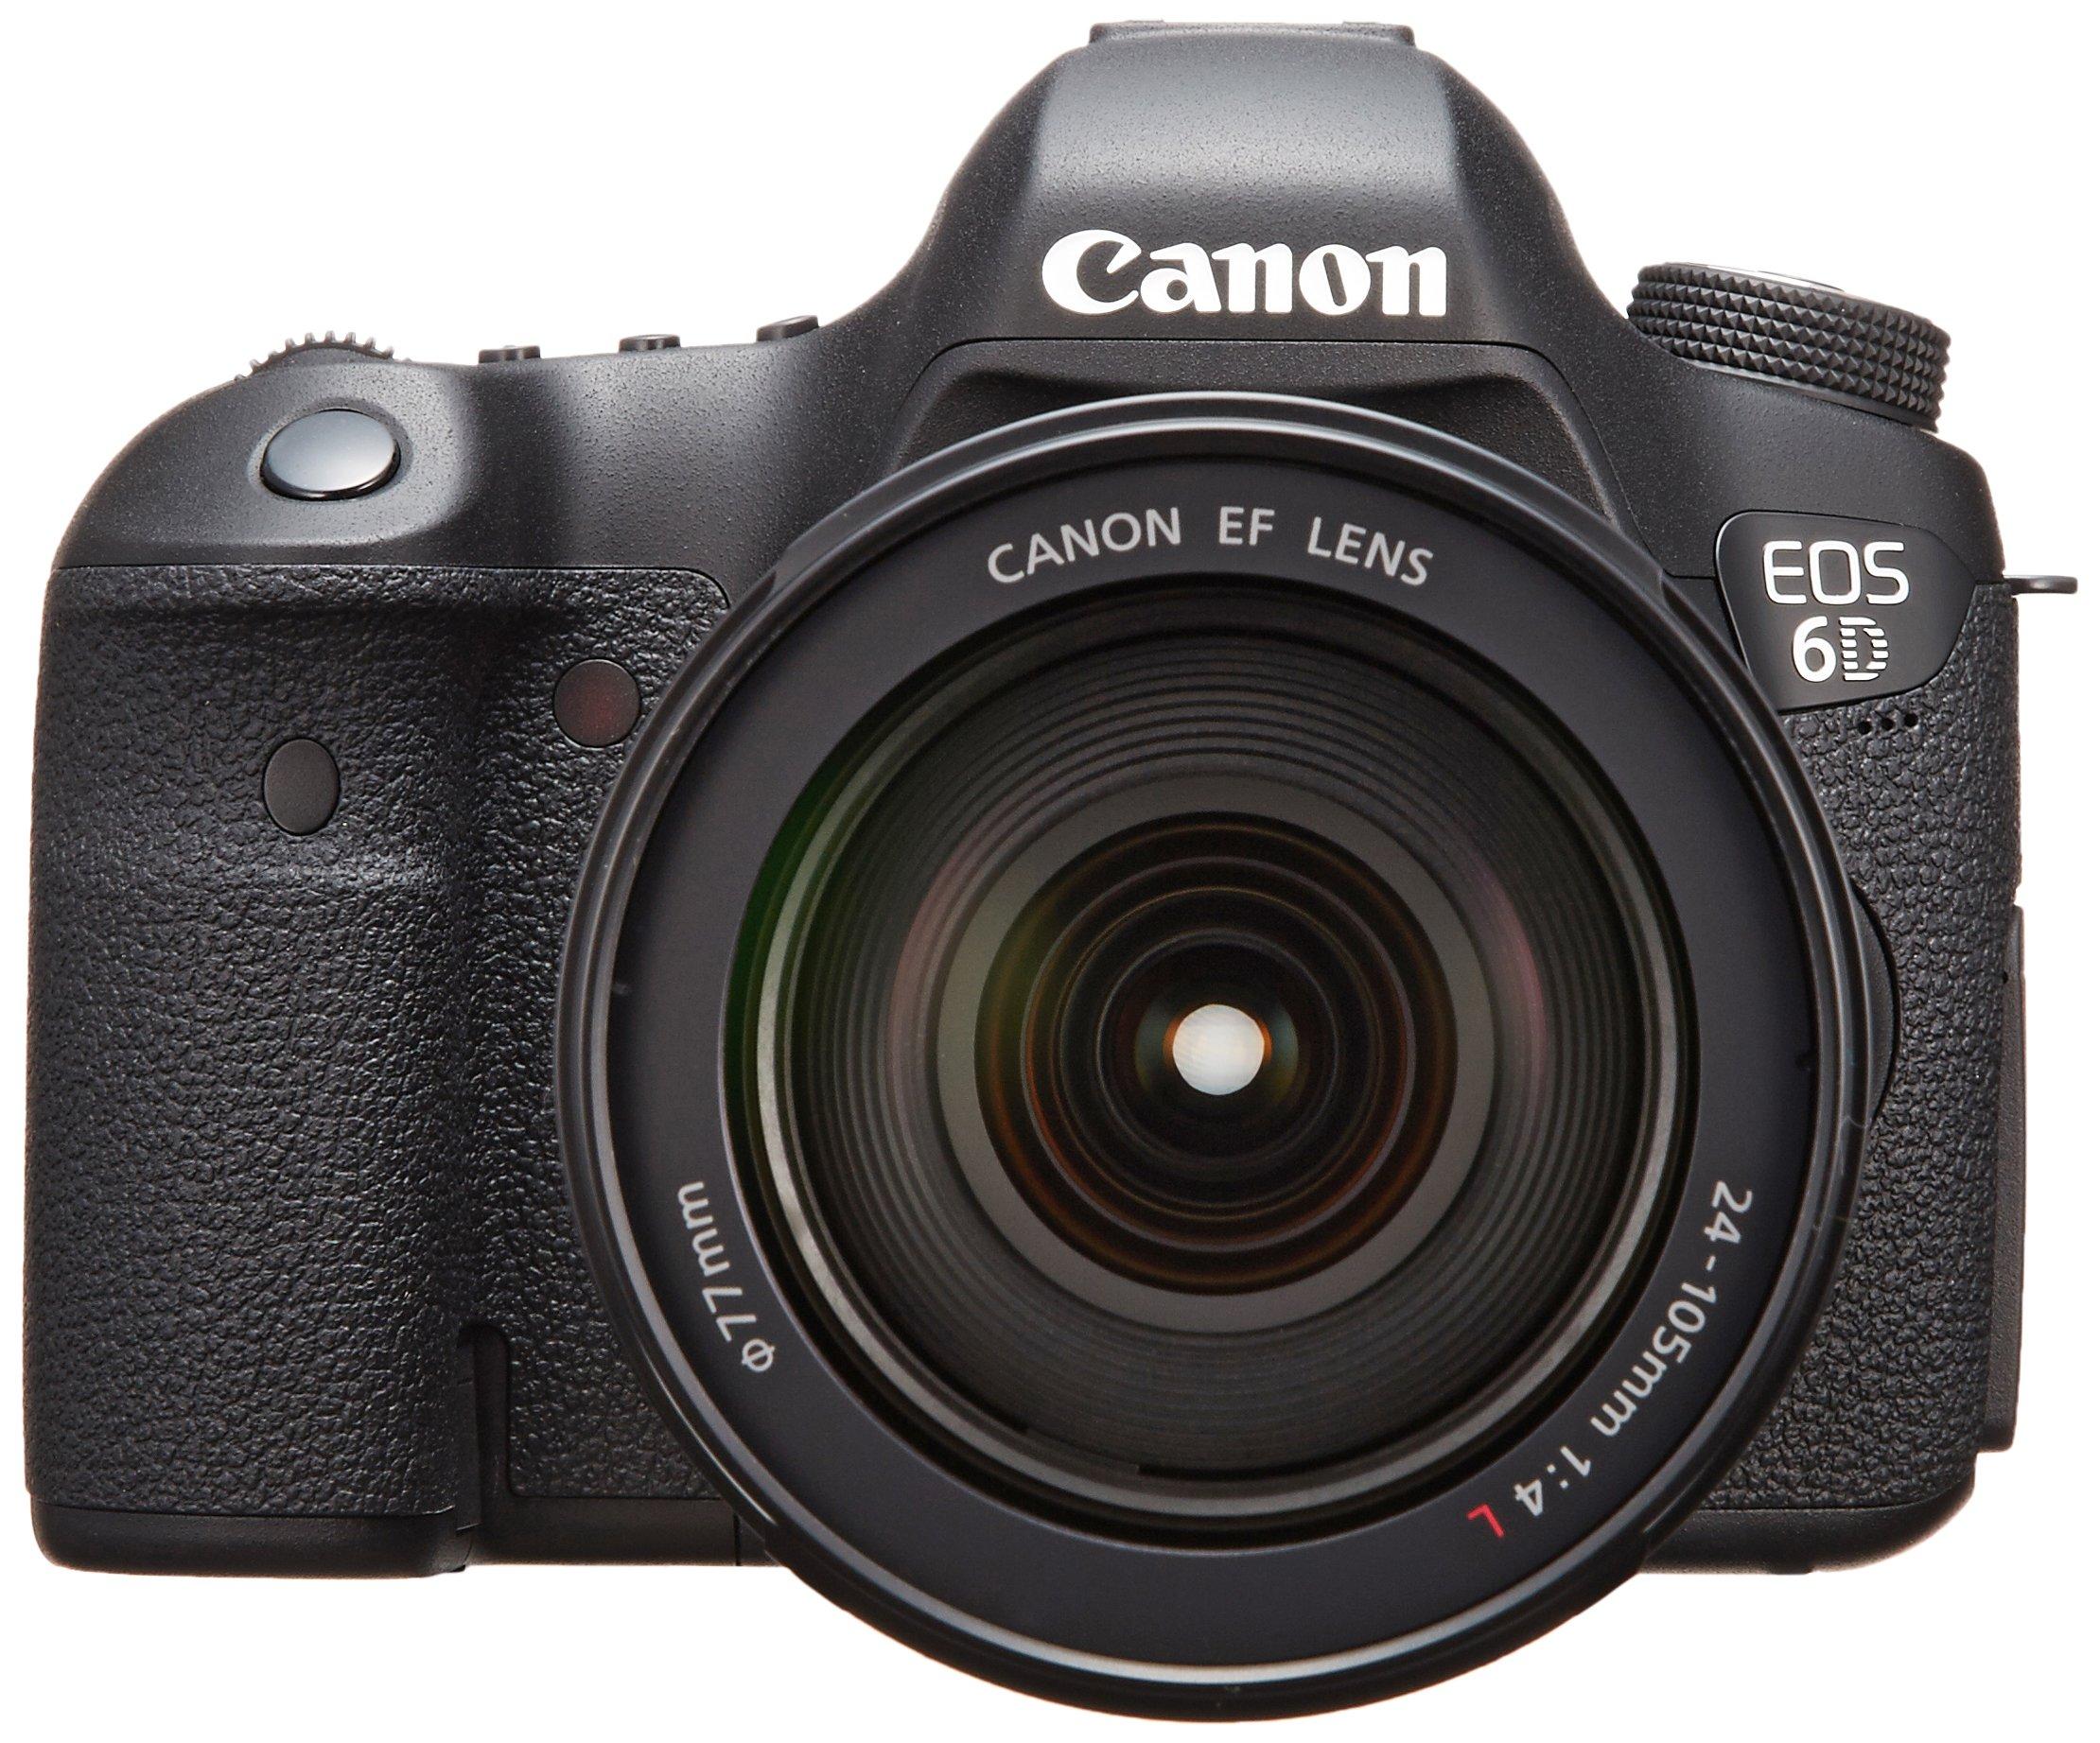 Canon デジタル一眼レフカメラ EOS 6D レンズキット EF24-105mm F4L IS USM付属 EOS6D24105ISLK product image